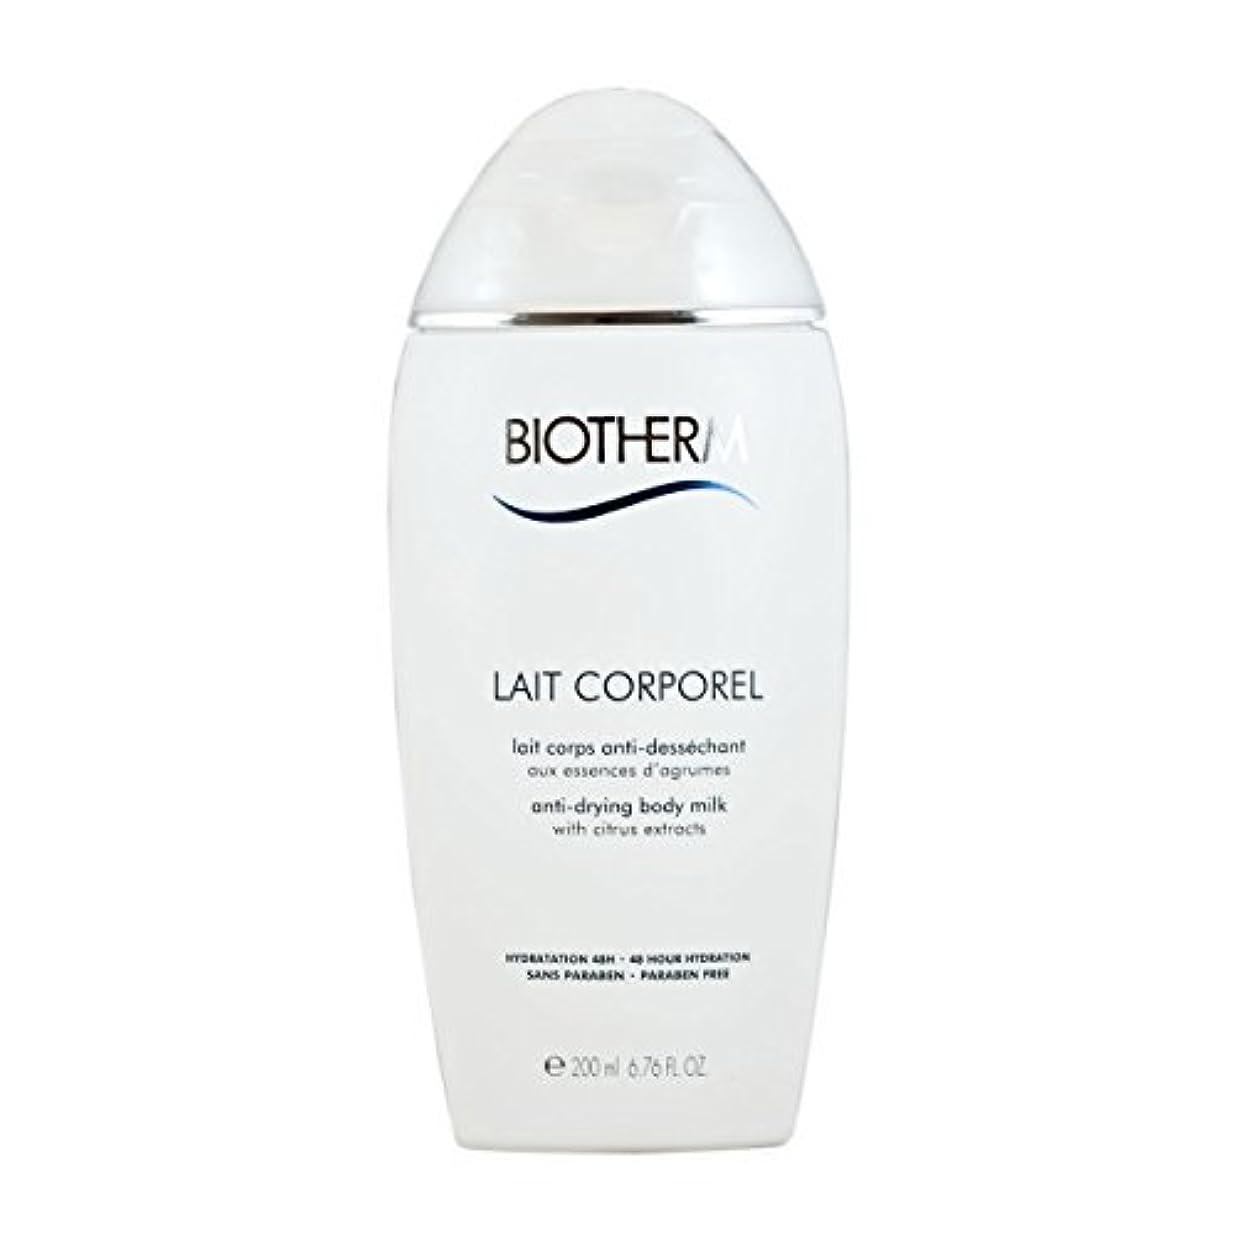 プランテーション縫うハングBiotherm Lait Corporel Anti-Drying Body Milk 6.76 Ounce [並行輸入品]